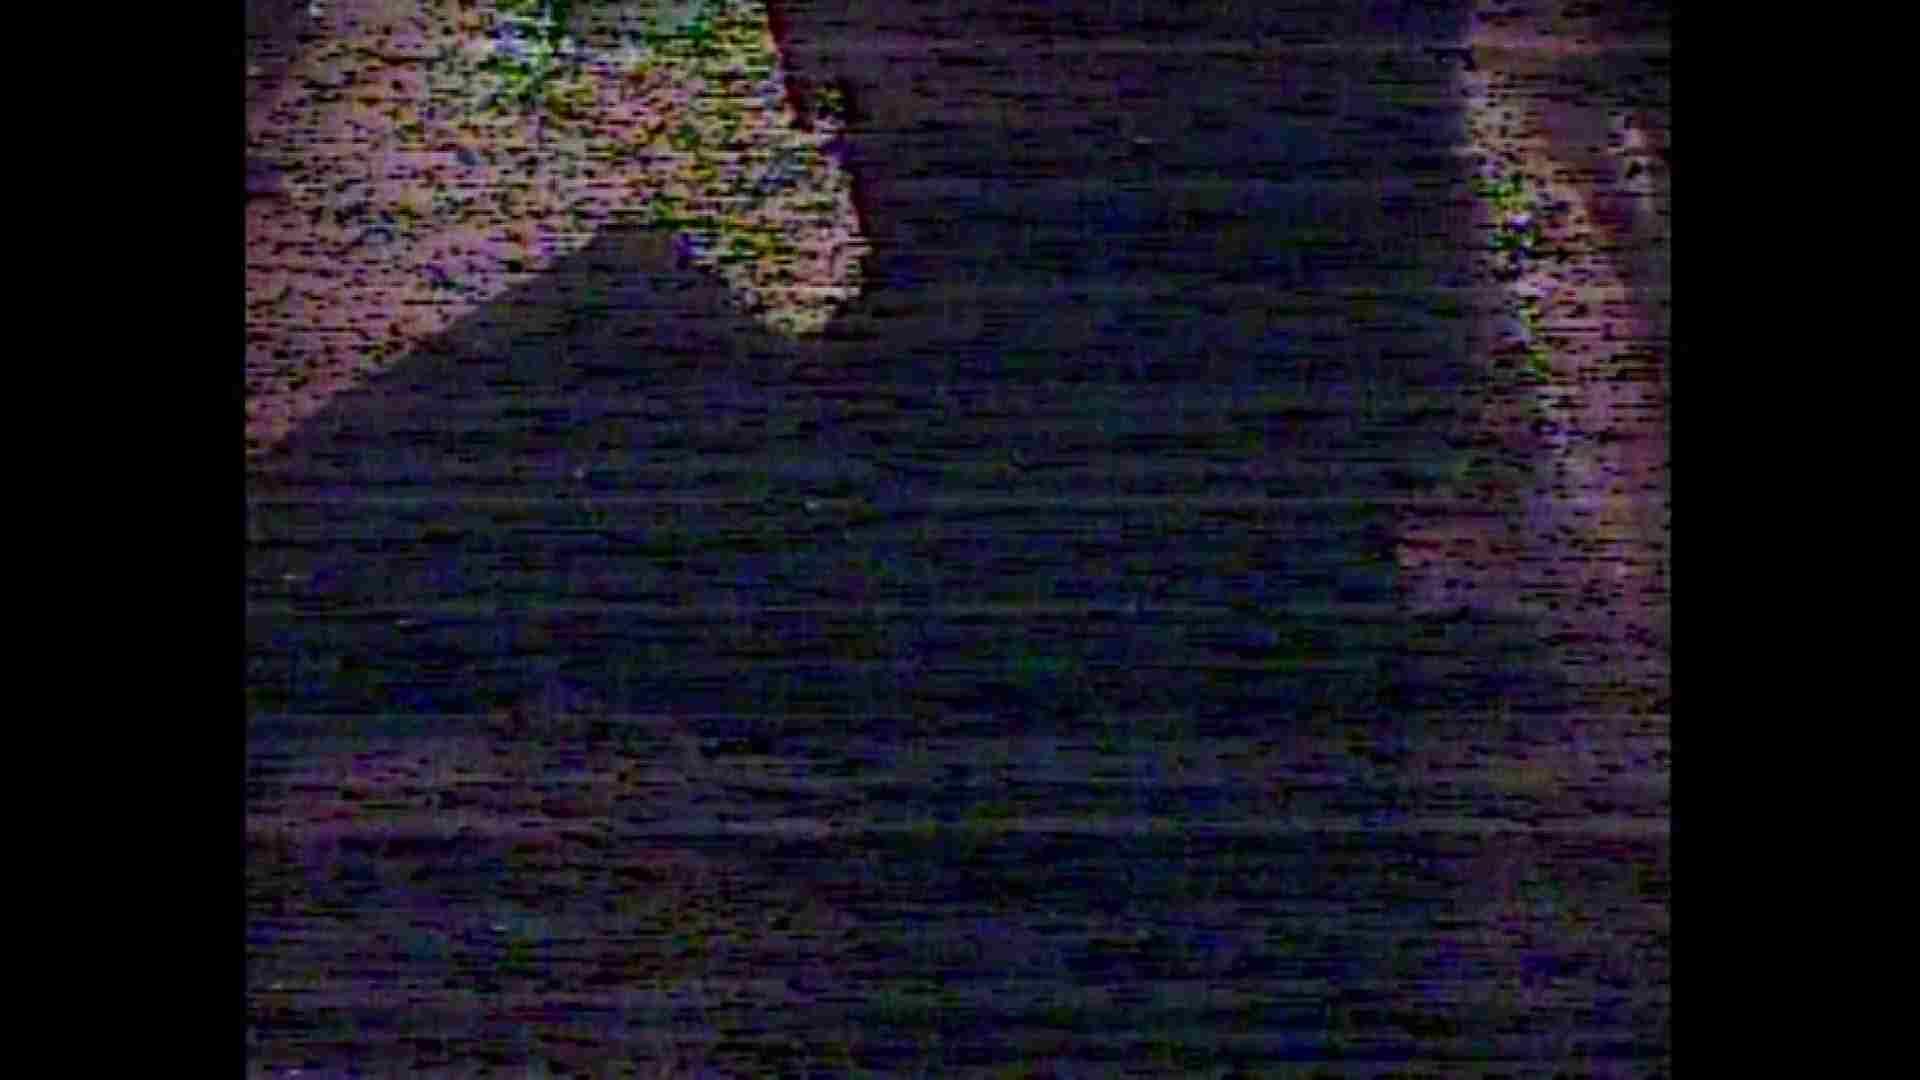 レース場での秘め事 Vol.01 お姉さん   レースクイーン  20画像 14